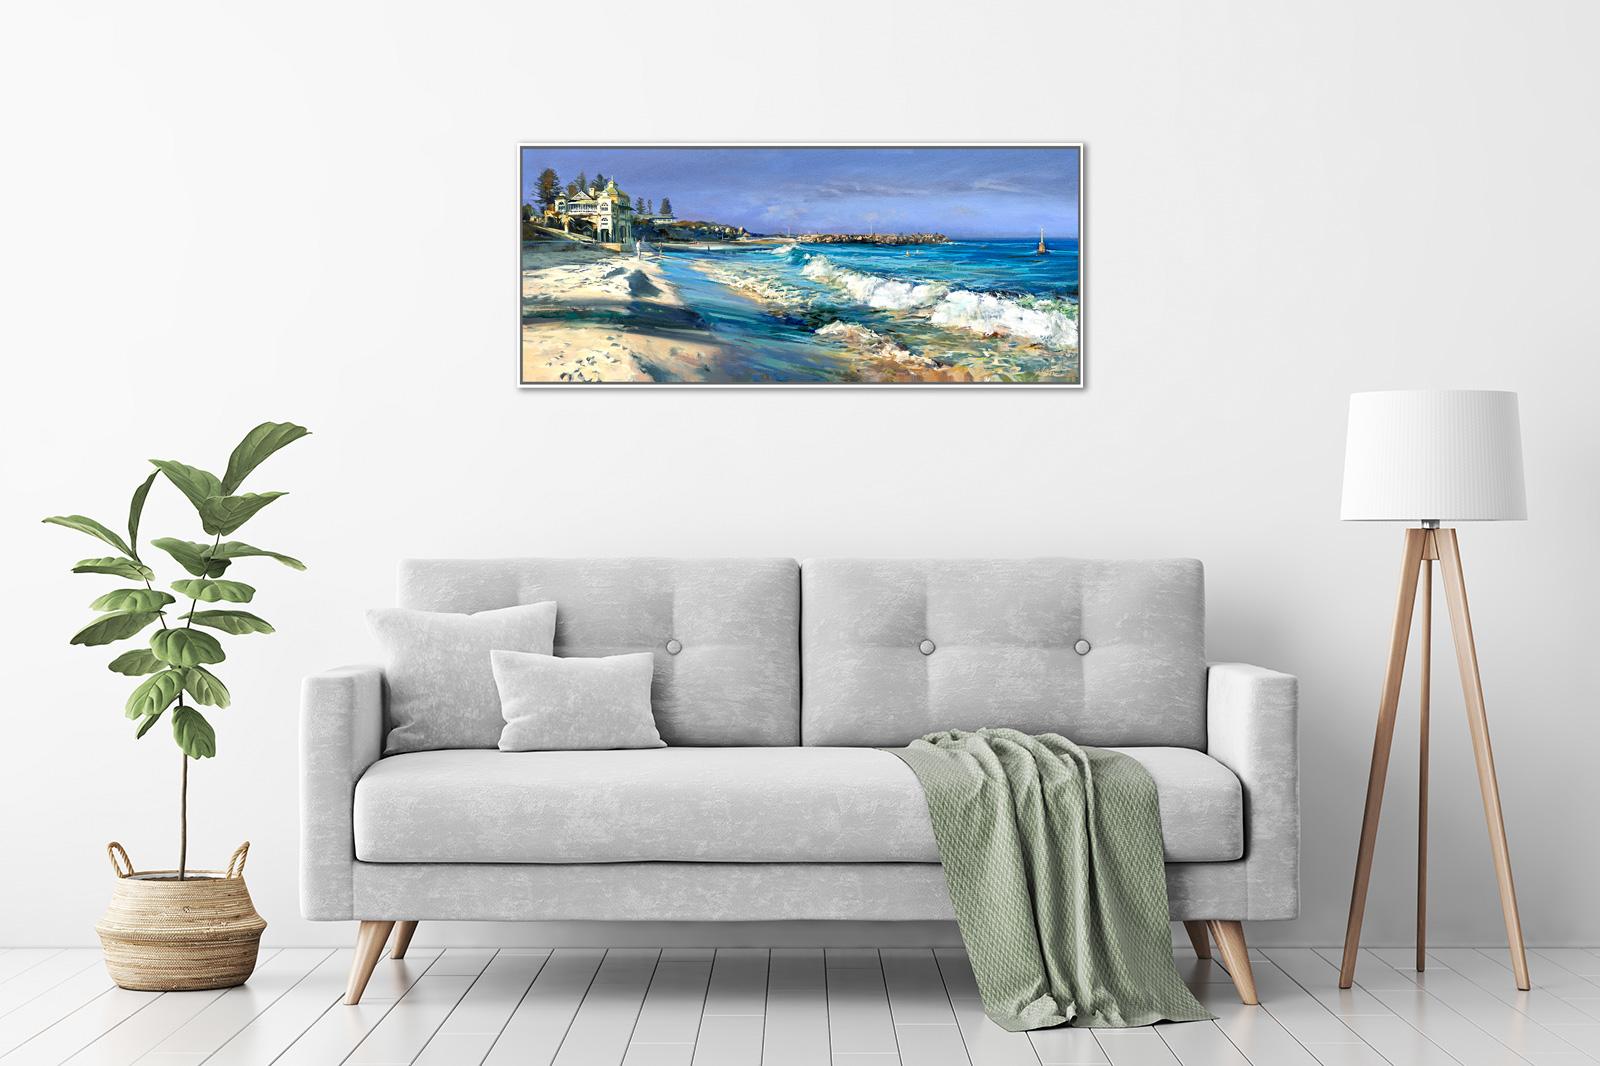 Greg Baker - 'Winter Beach, Cottesloe' Framed, in a room